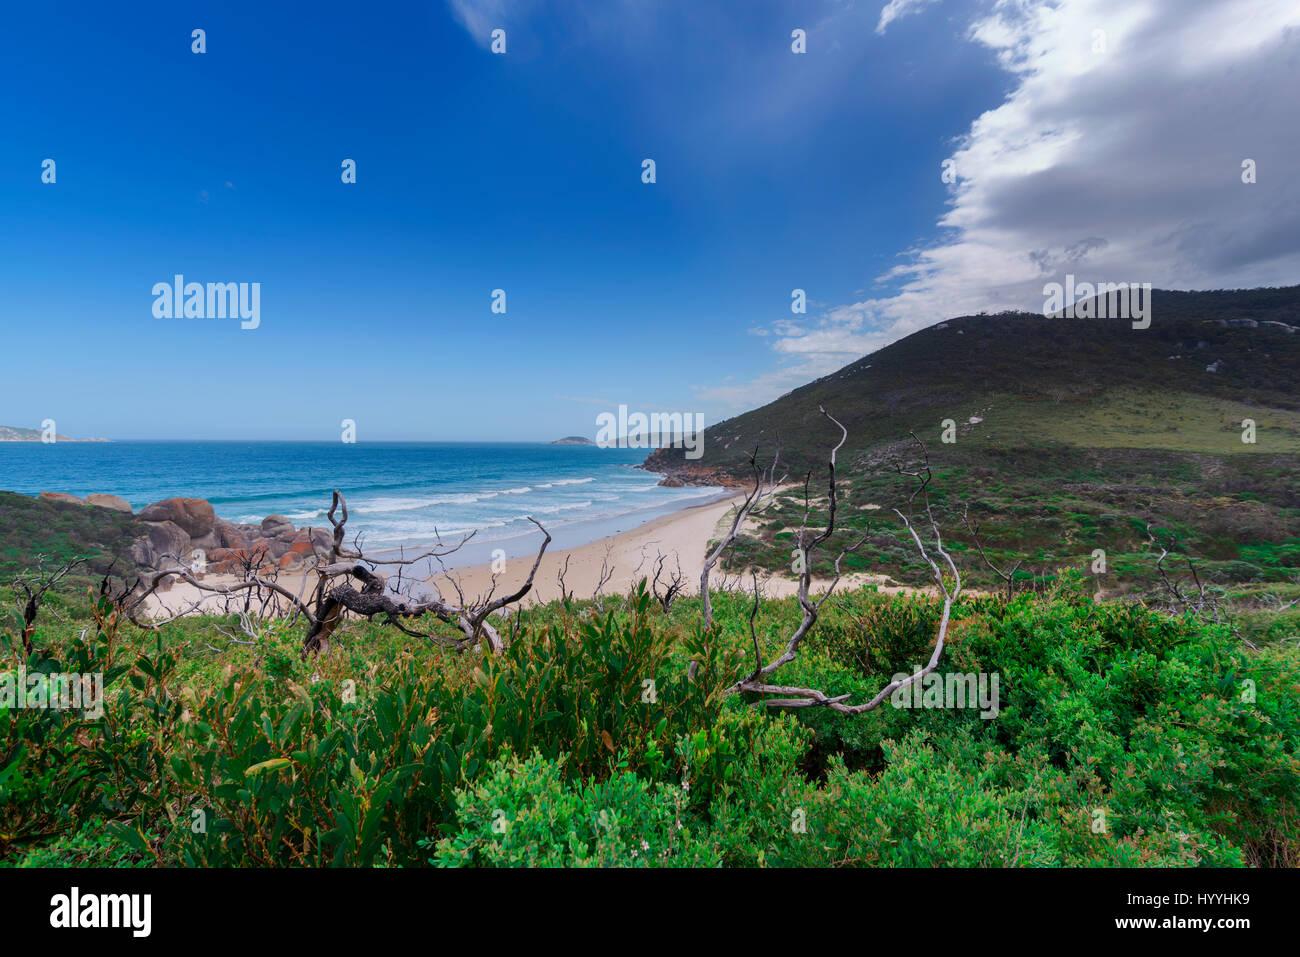 Une vue magnifique sur le bleu de l'océan au loin avec les vagues blanches dans le matériel roulant vers une plage Banque D'Images